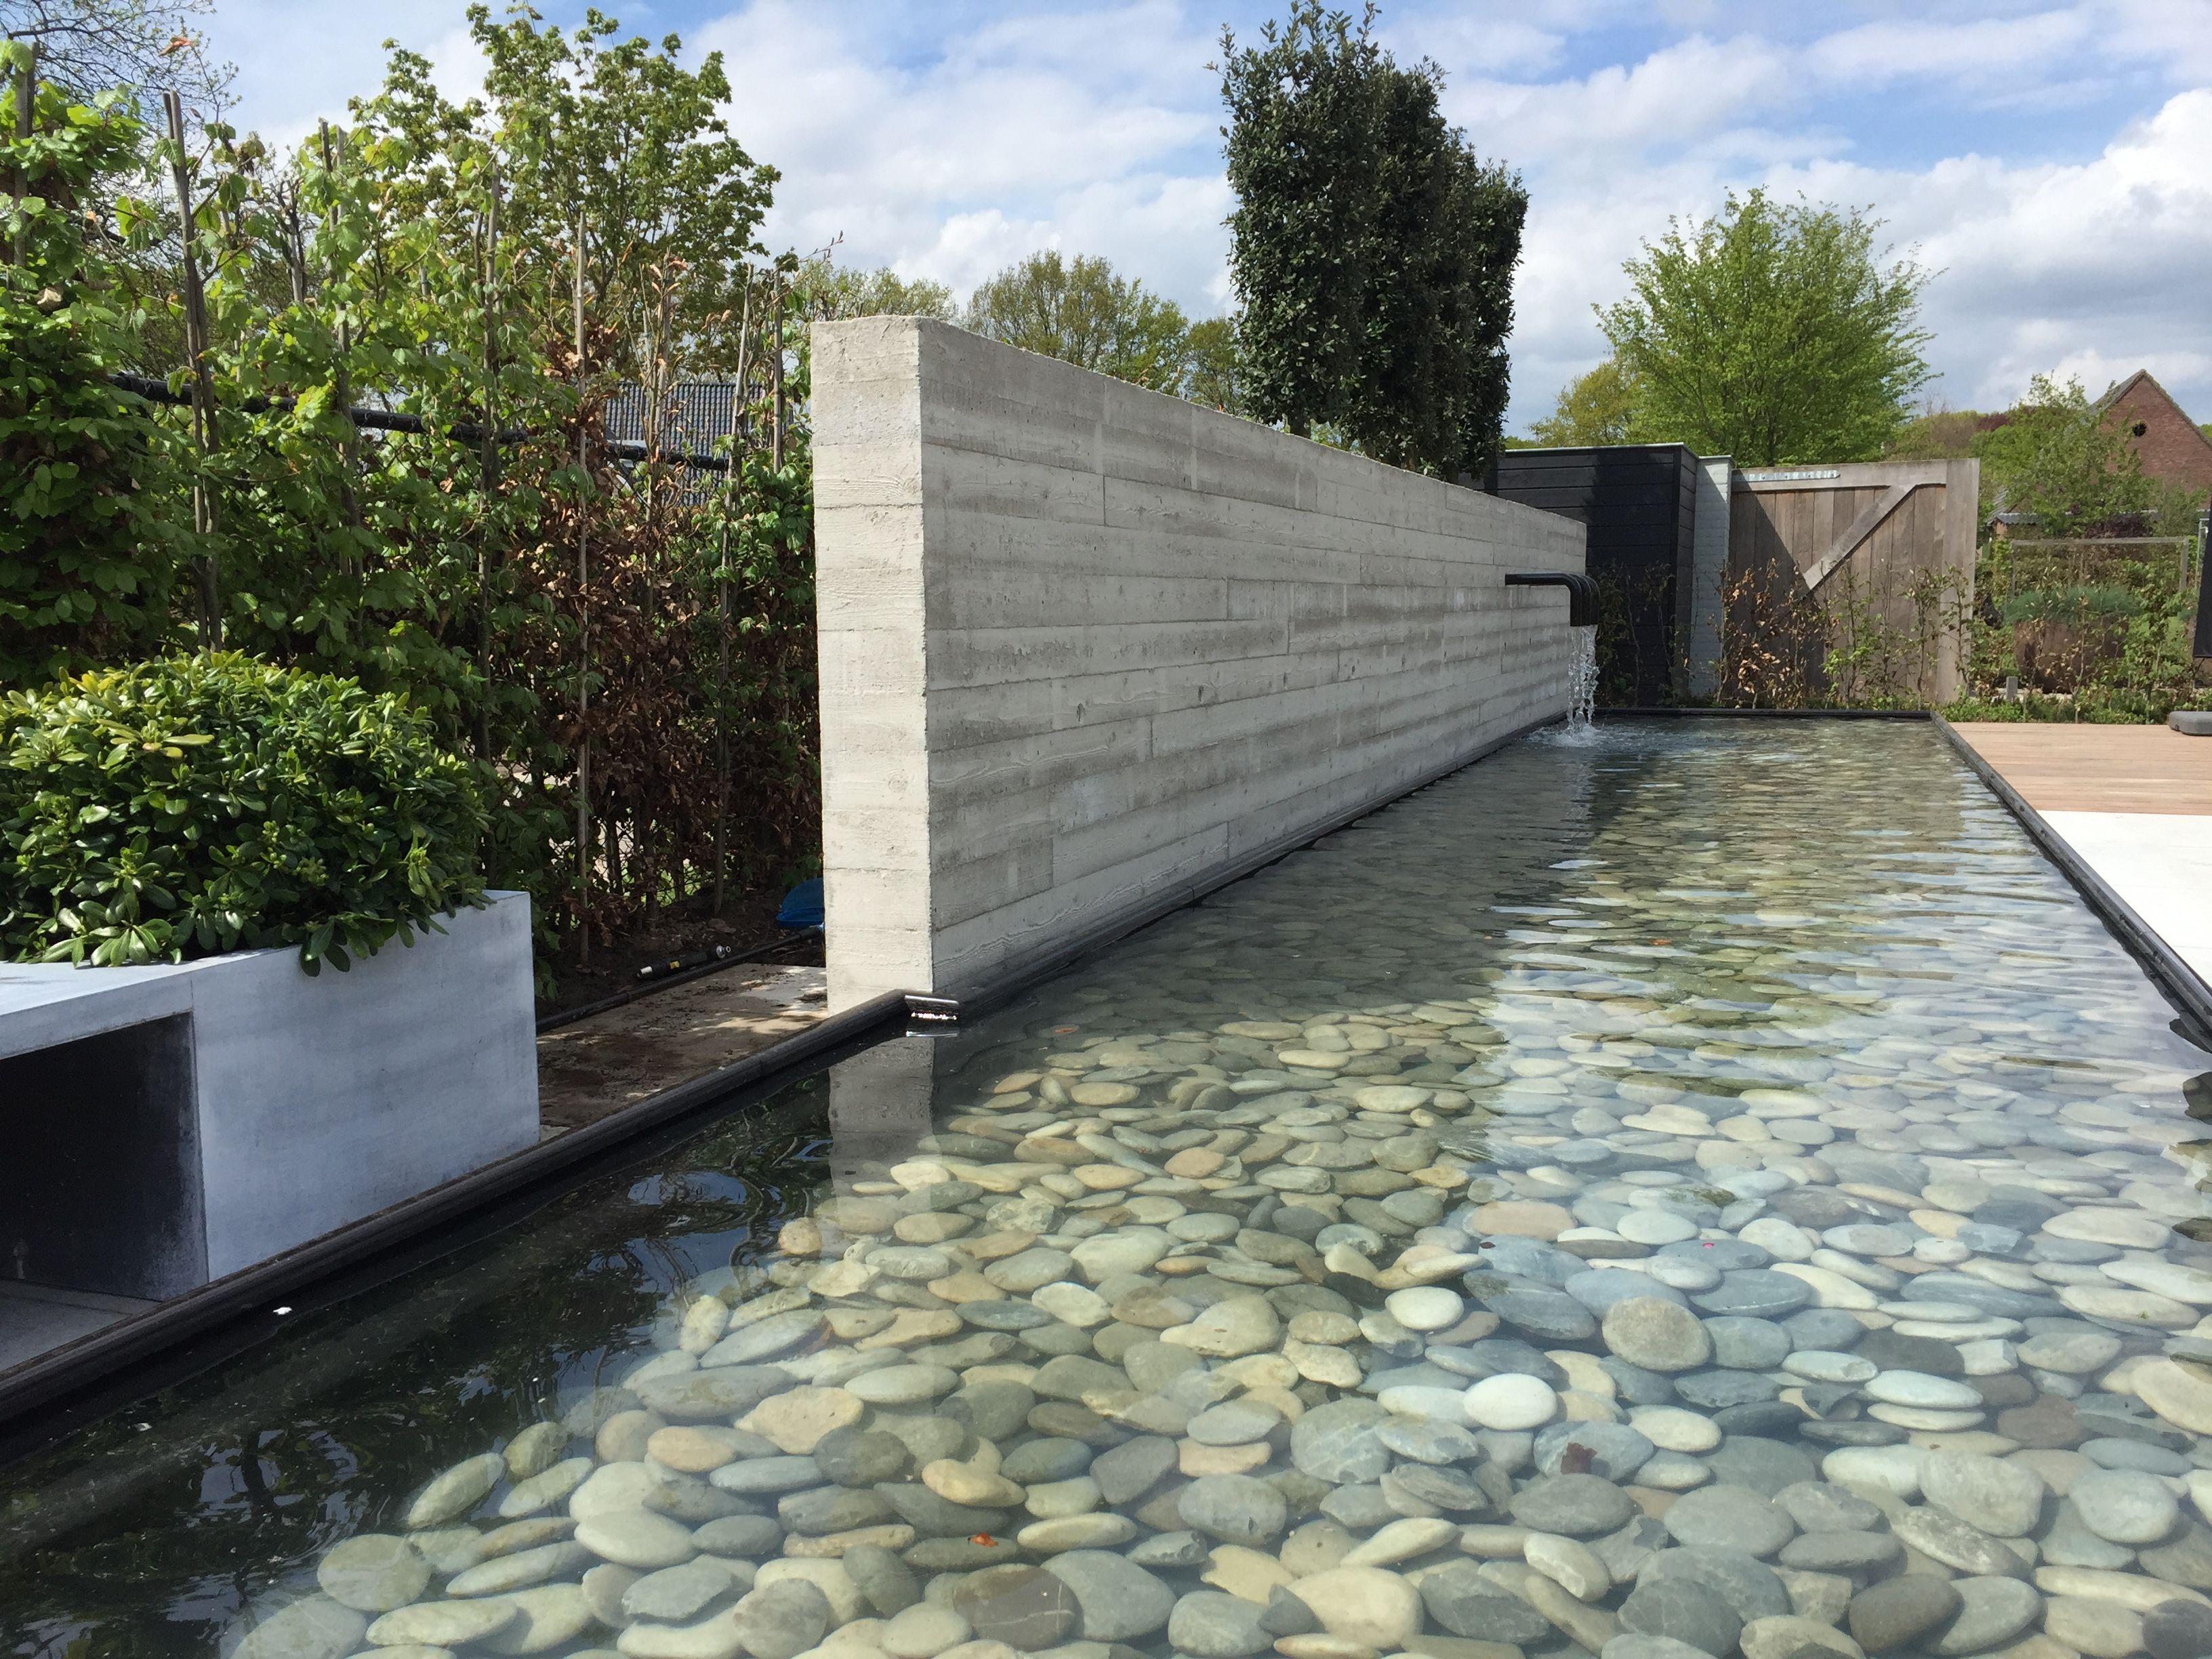 Spiegelvijver met betonnen muur waarin wateruitlopen zijn for Moderne waterpartijen tuin